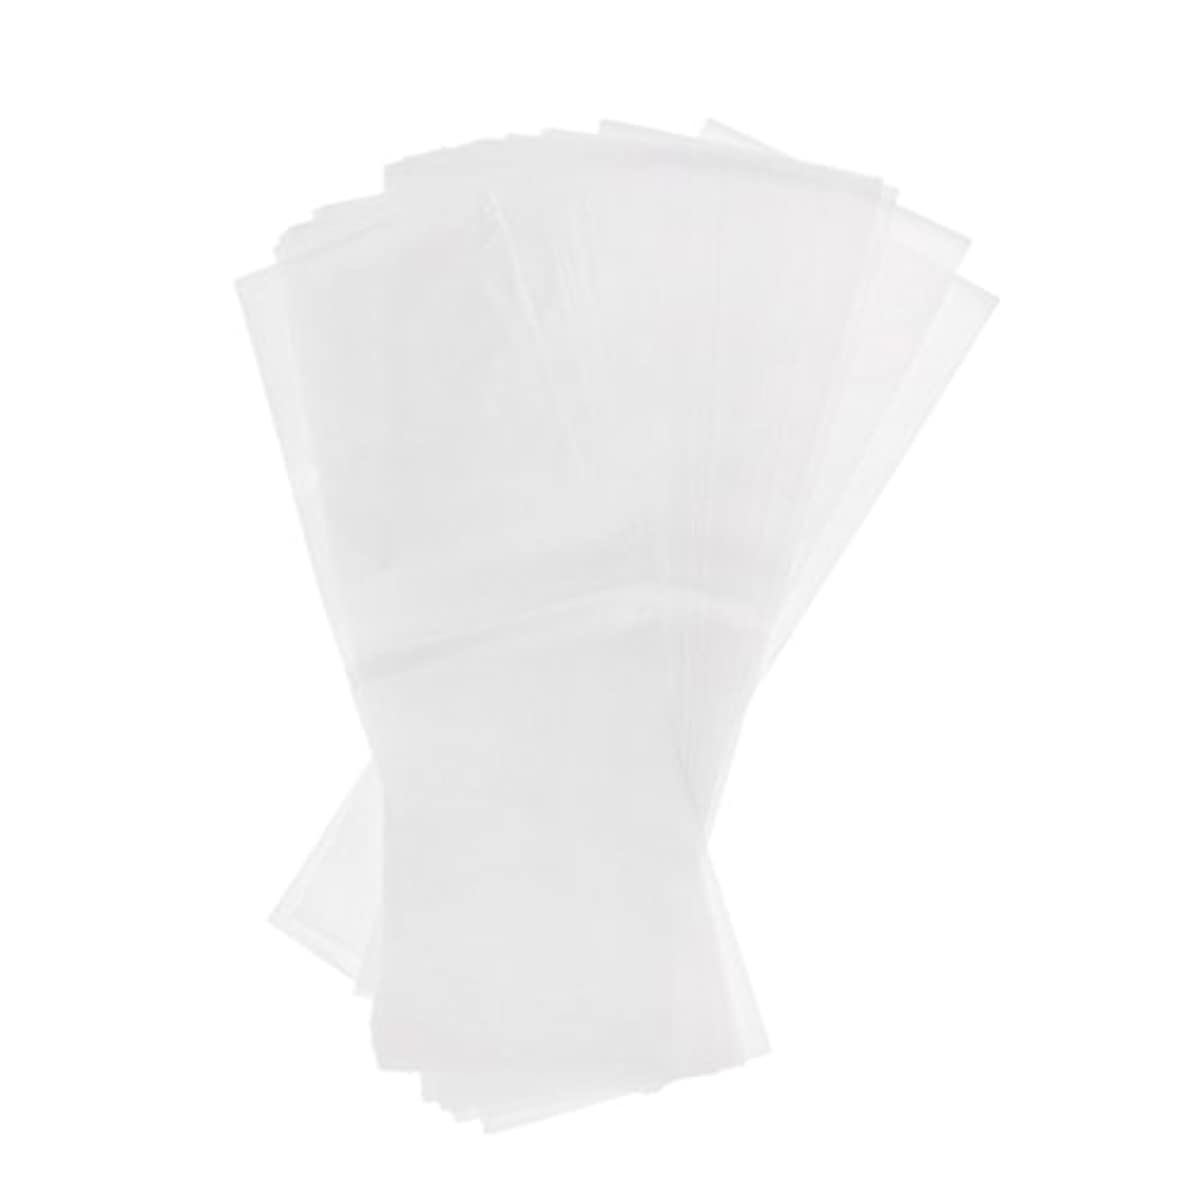 オセアニアサリー電卓Kesoto 約50枚 プラスチック製 染毛紙 ハイライト サロン 毛染め紙 ハイライトシート 再利用可能 2仕様選べ - ホワイト